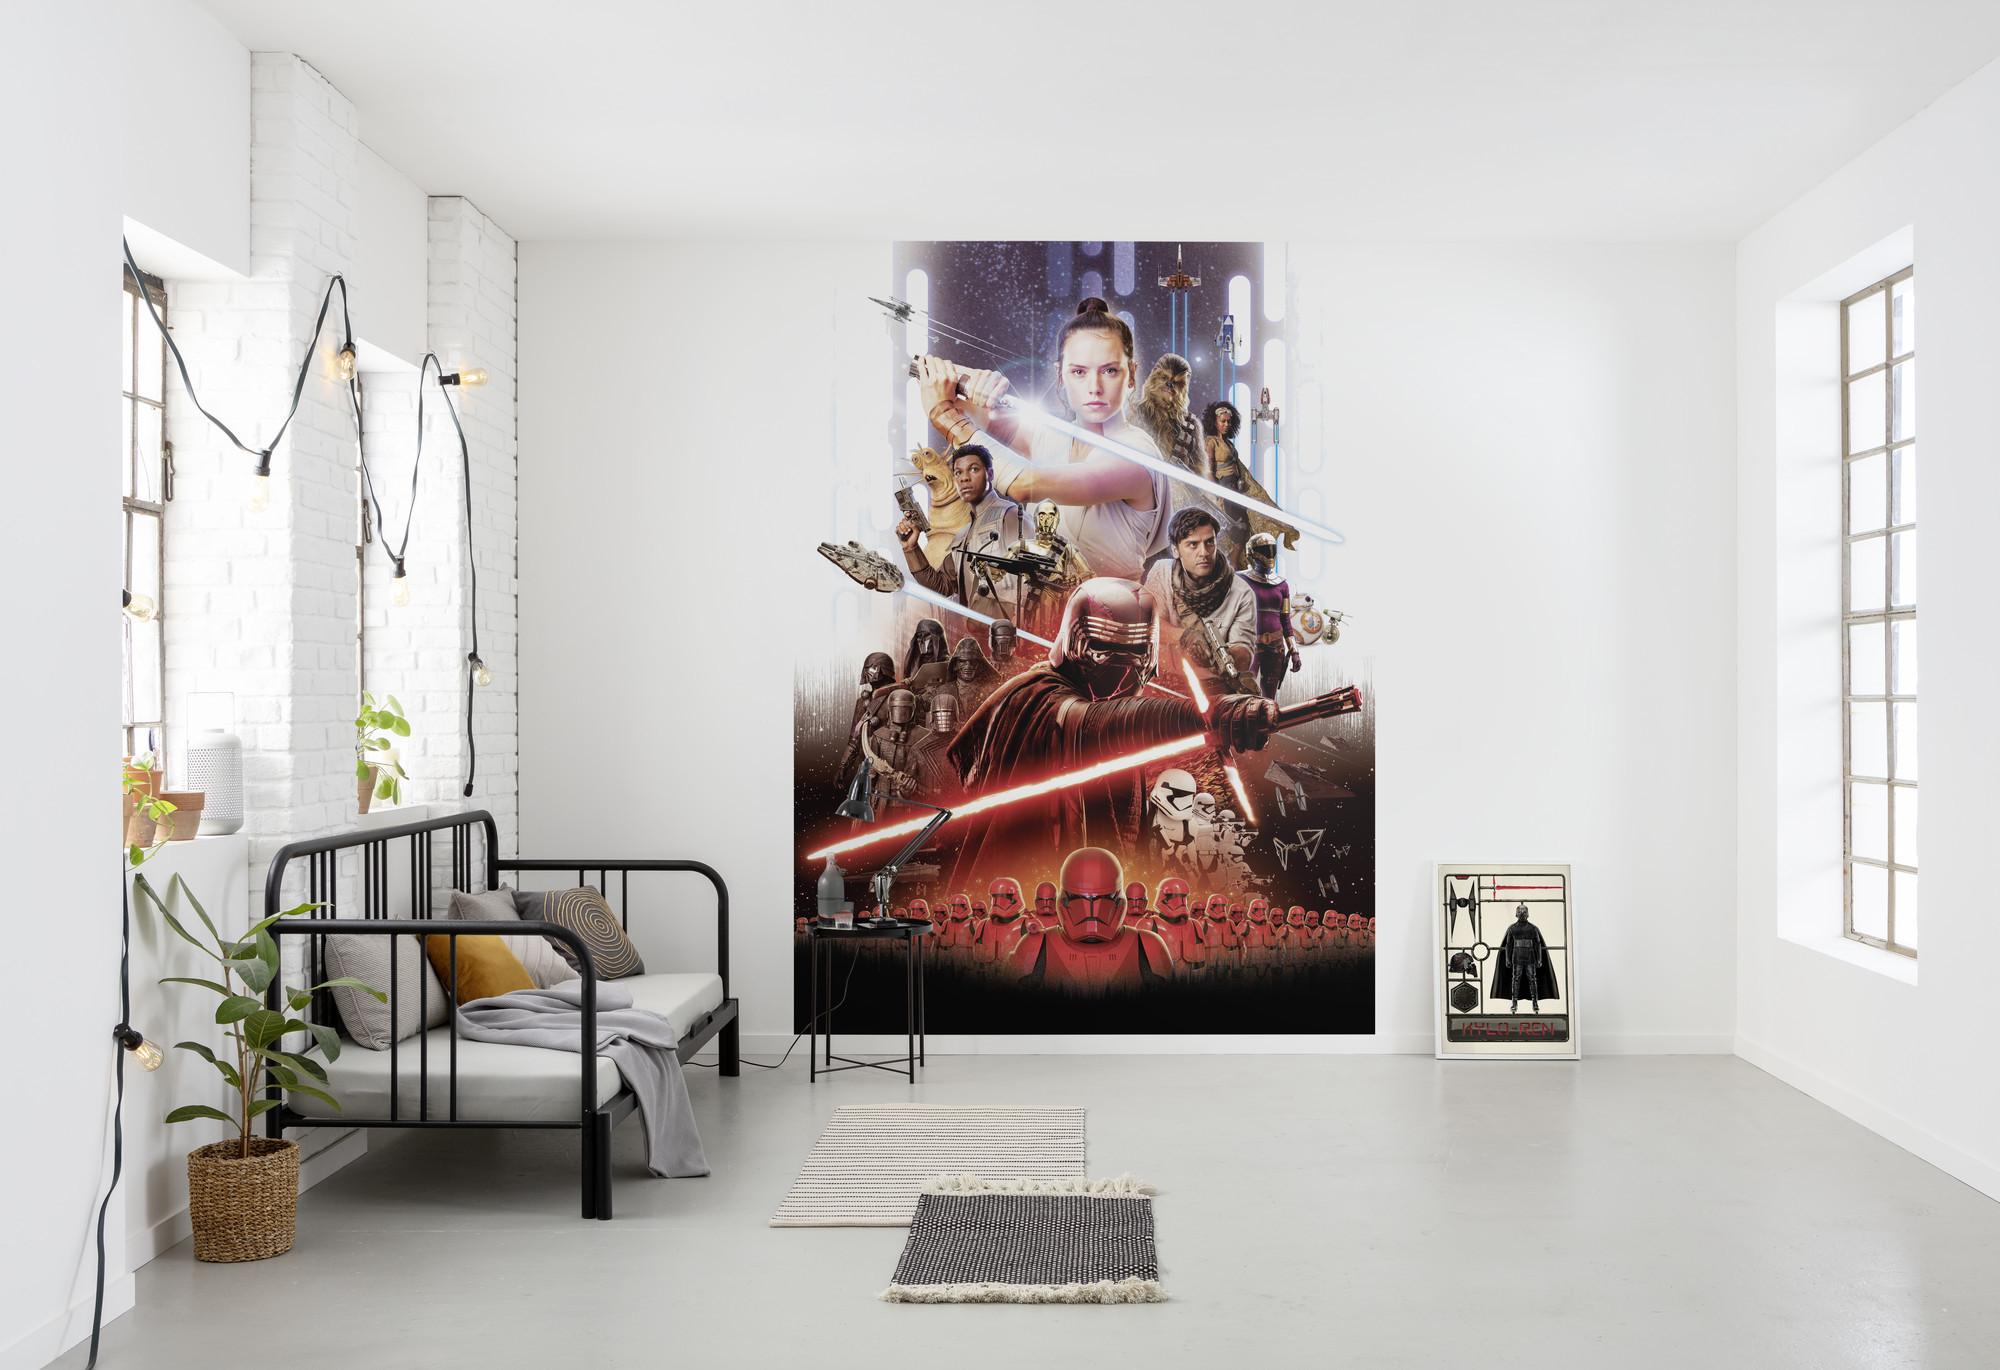 Постер на стену самара